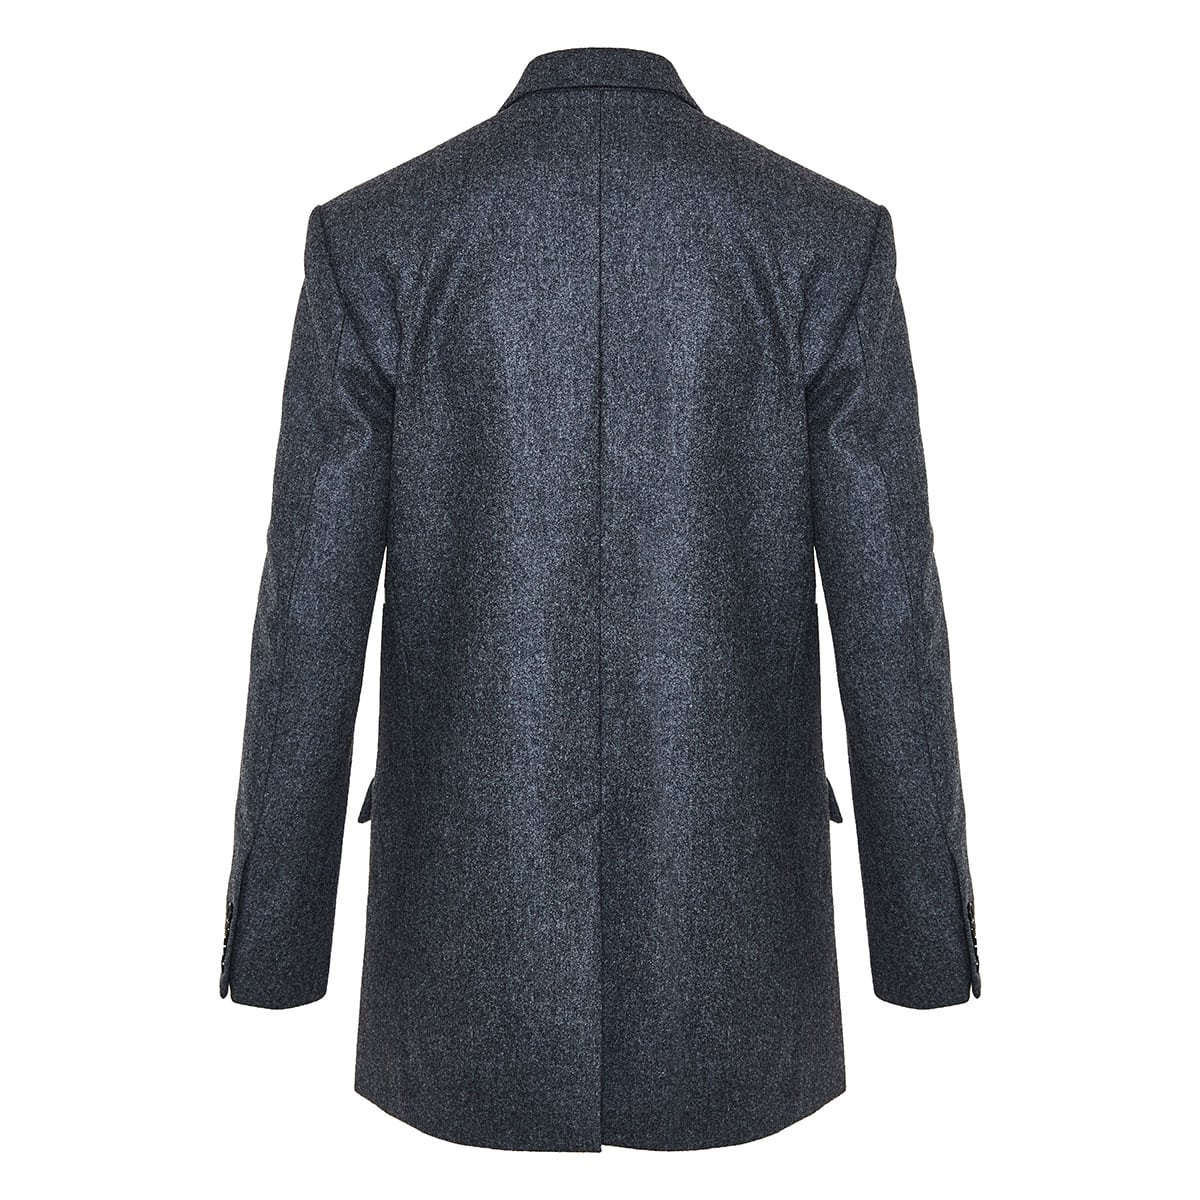 Oladimia oversized wool blazer